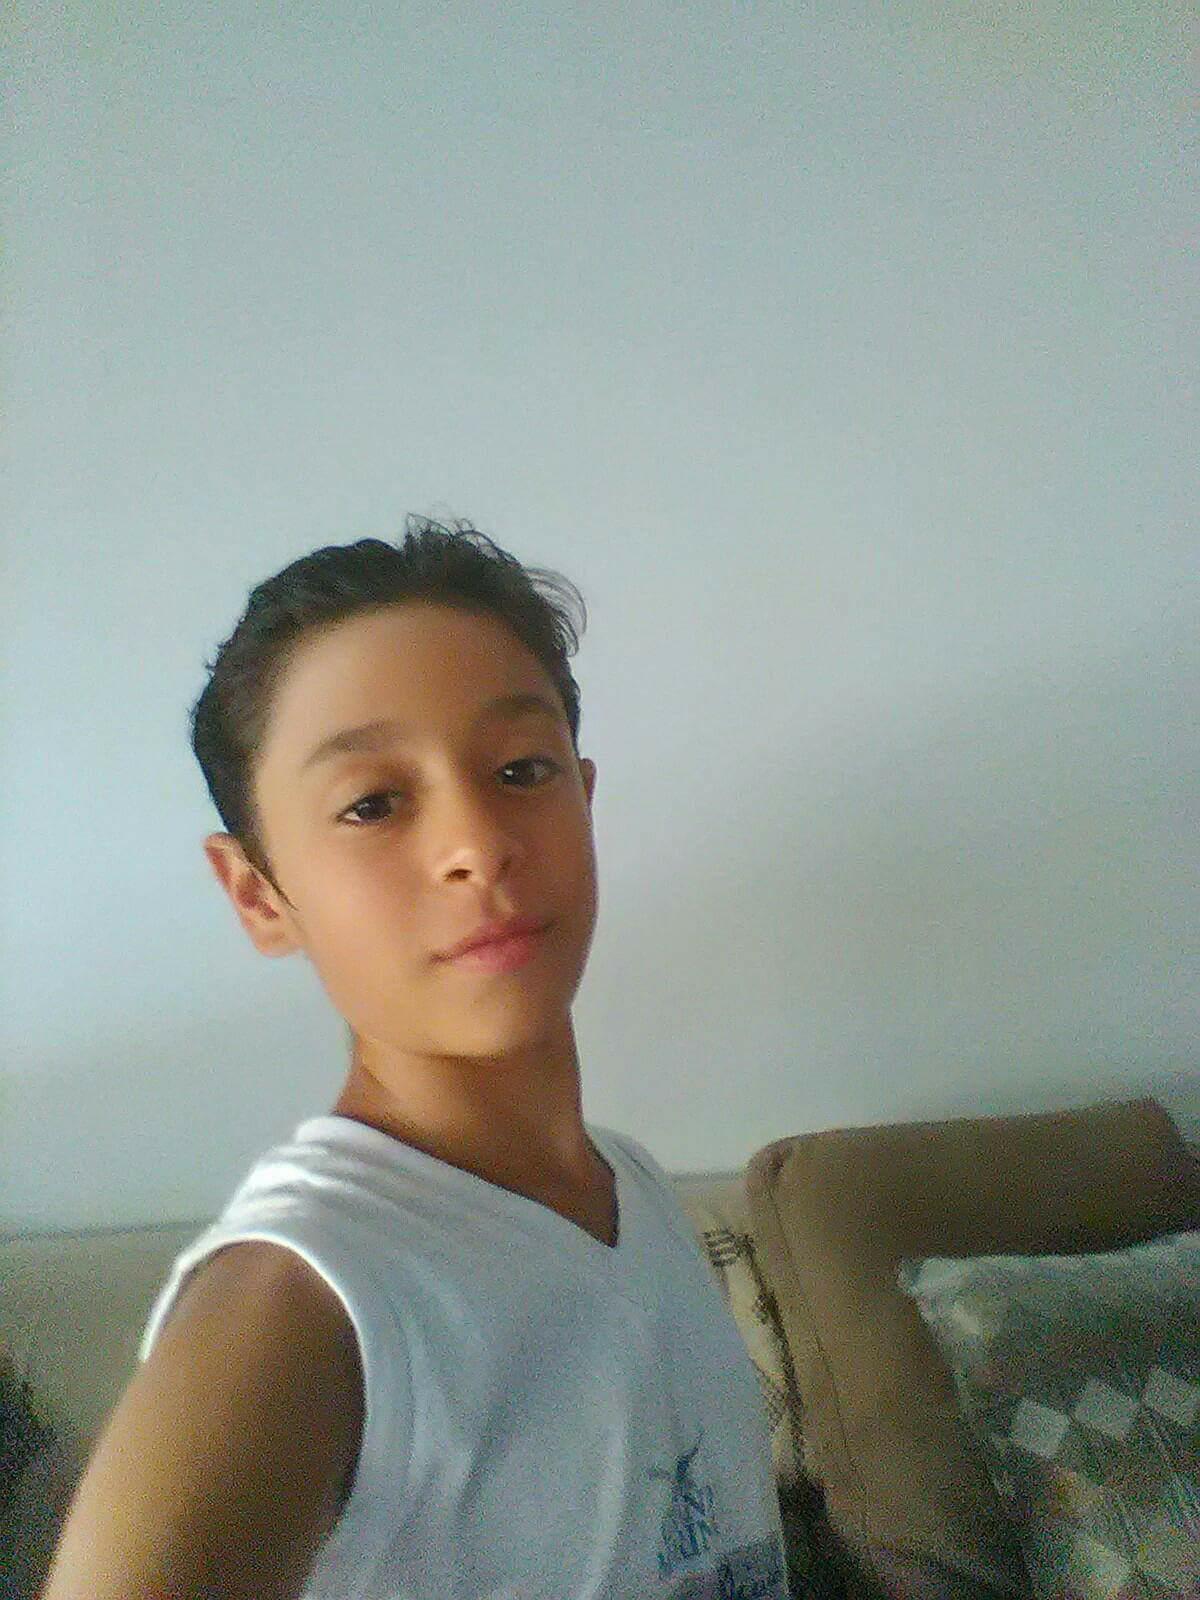 ahmad  dhouib